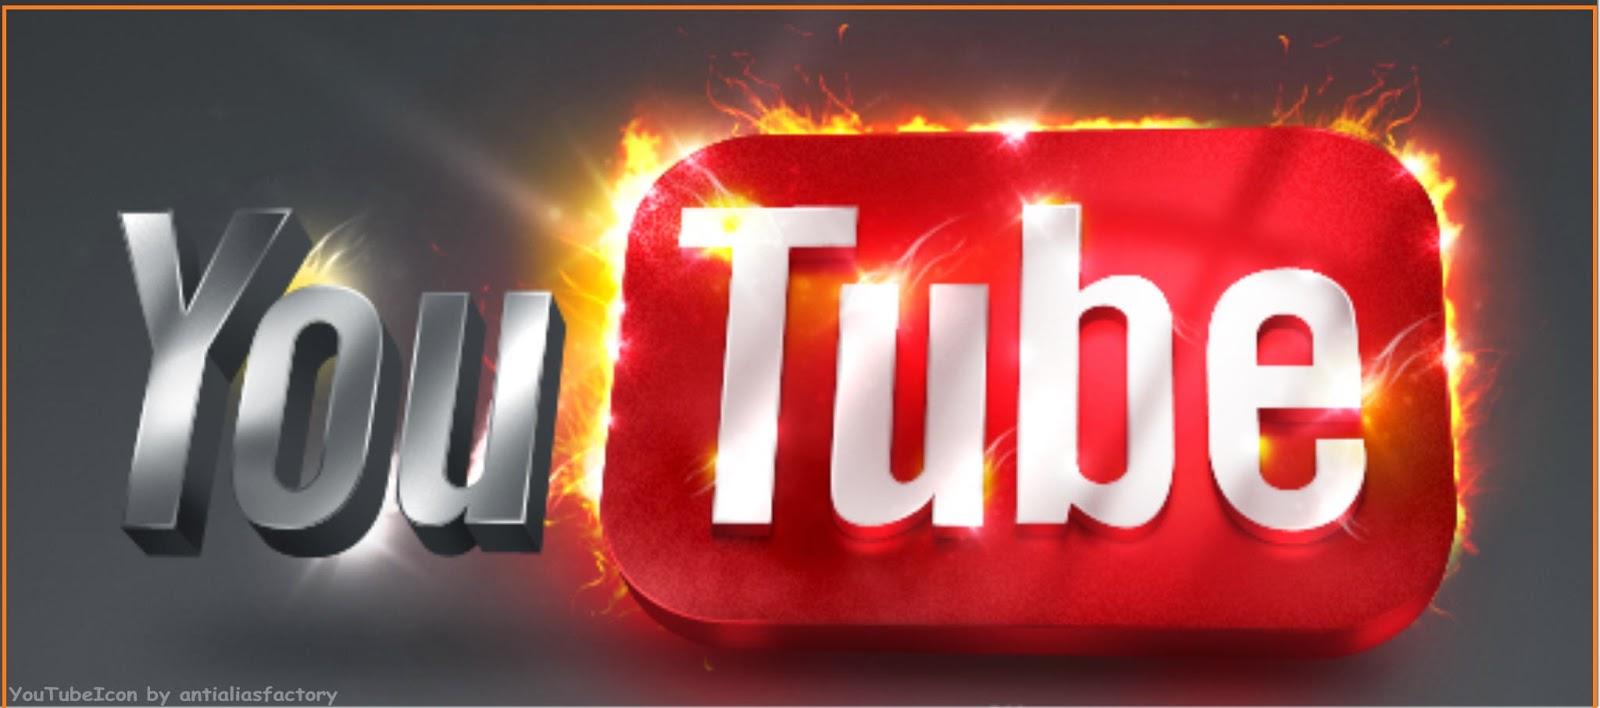 شرح تسريع مشاهدة الفيديو على موقع اليوتيوب بالصور